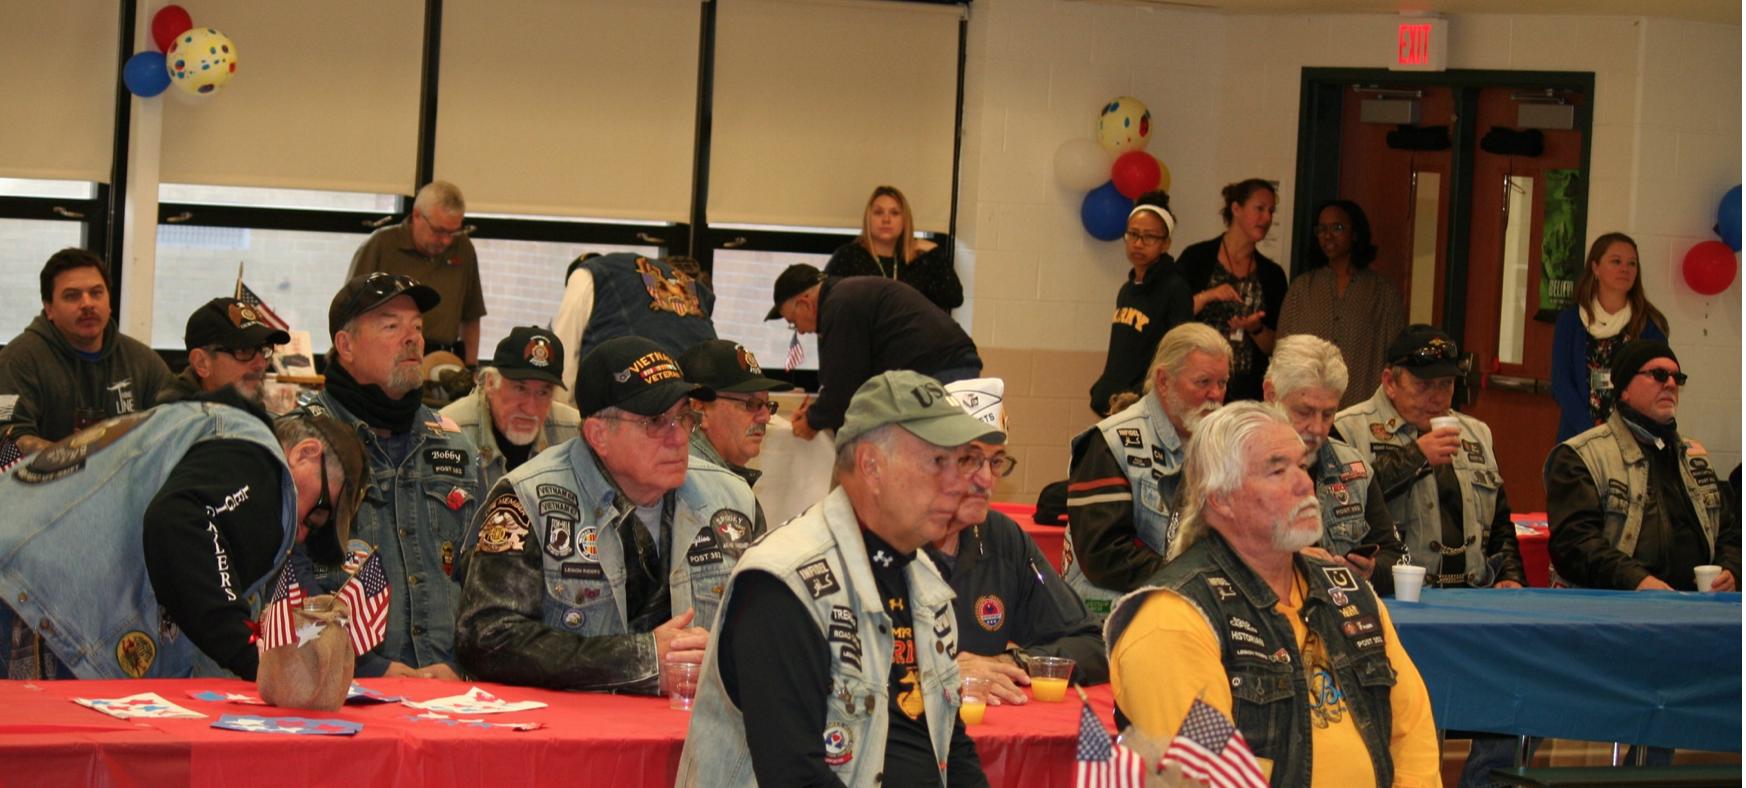 Veterans enjoy breakfast